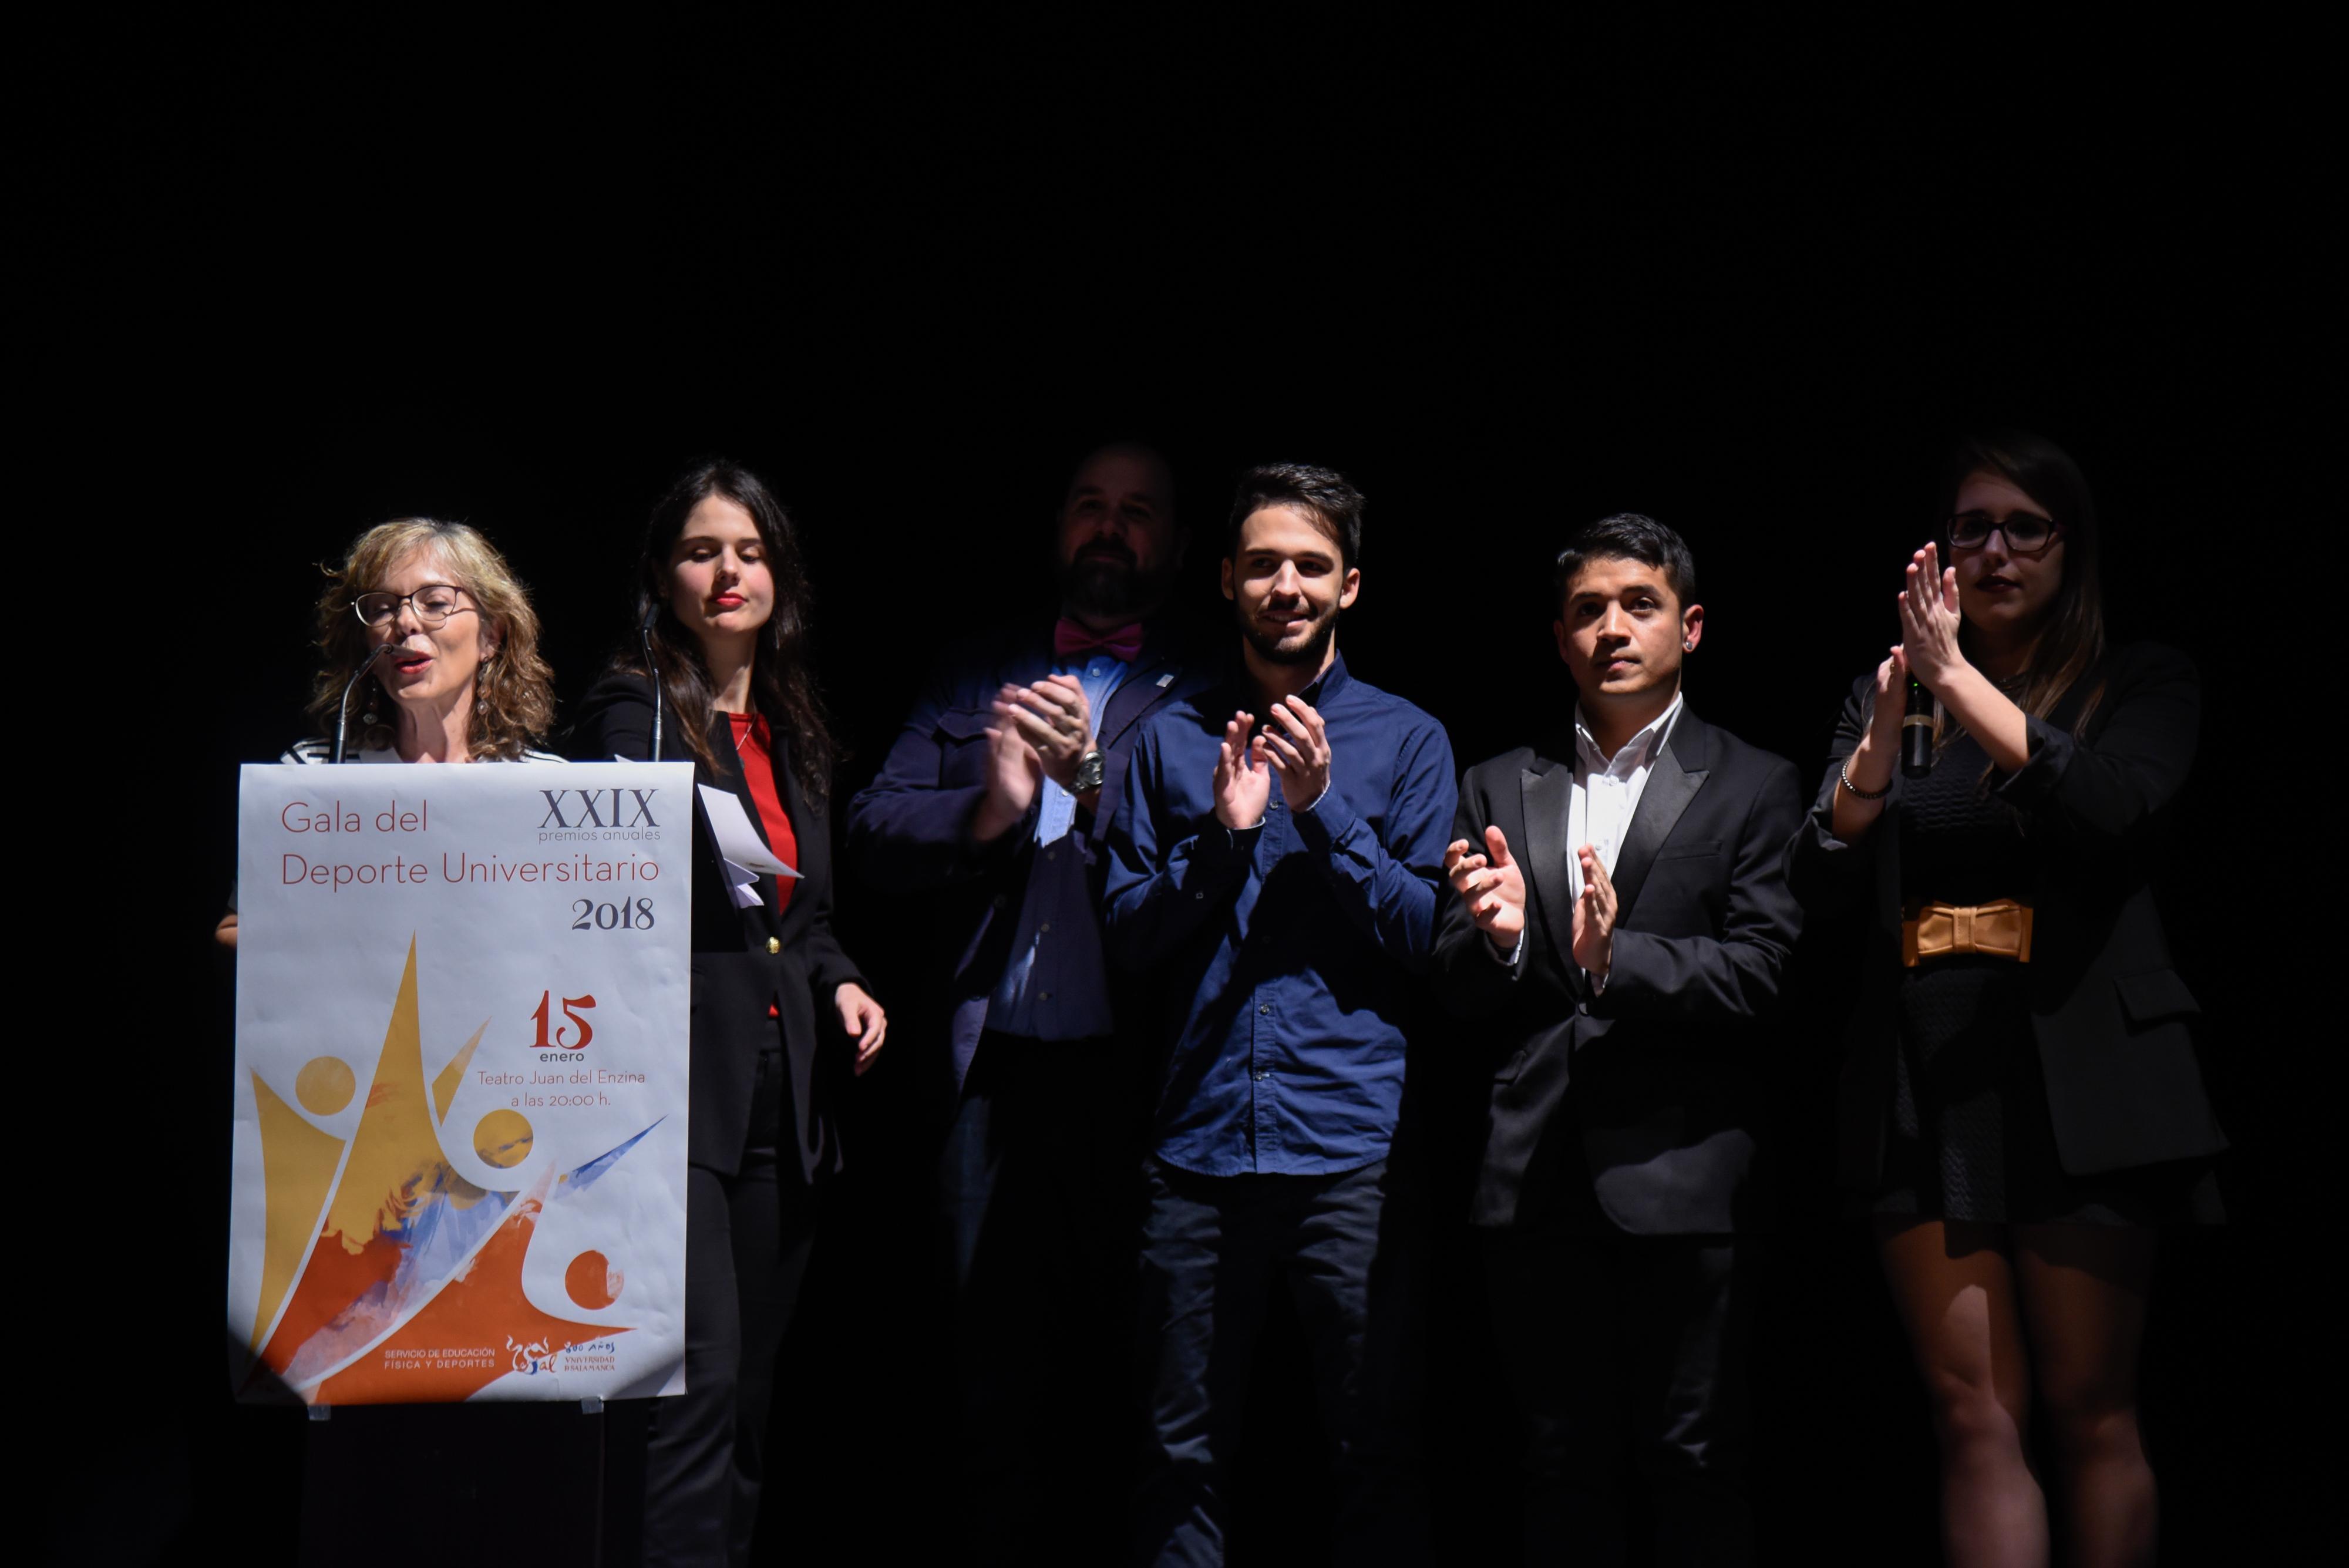 El Servicio de Educación Física y Deportes de la Universidad de Salamanca entrega los XXIX Premios Anuales del Deporte Universitario